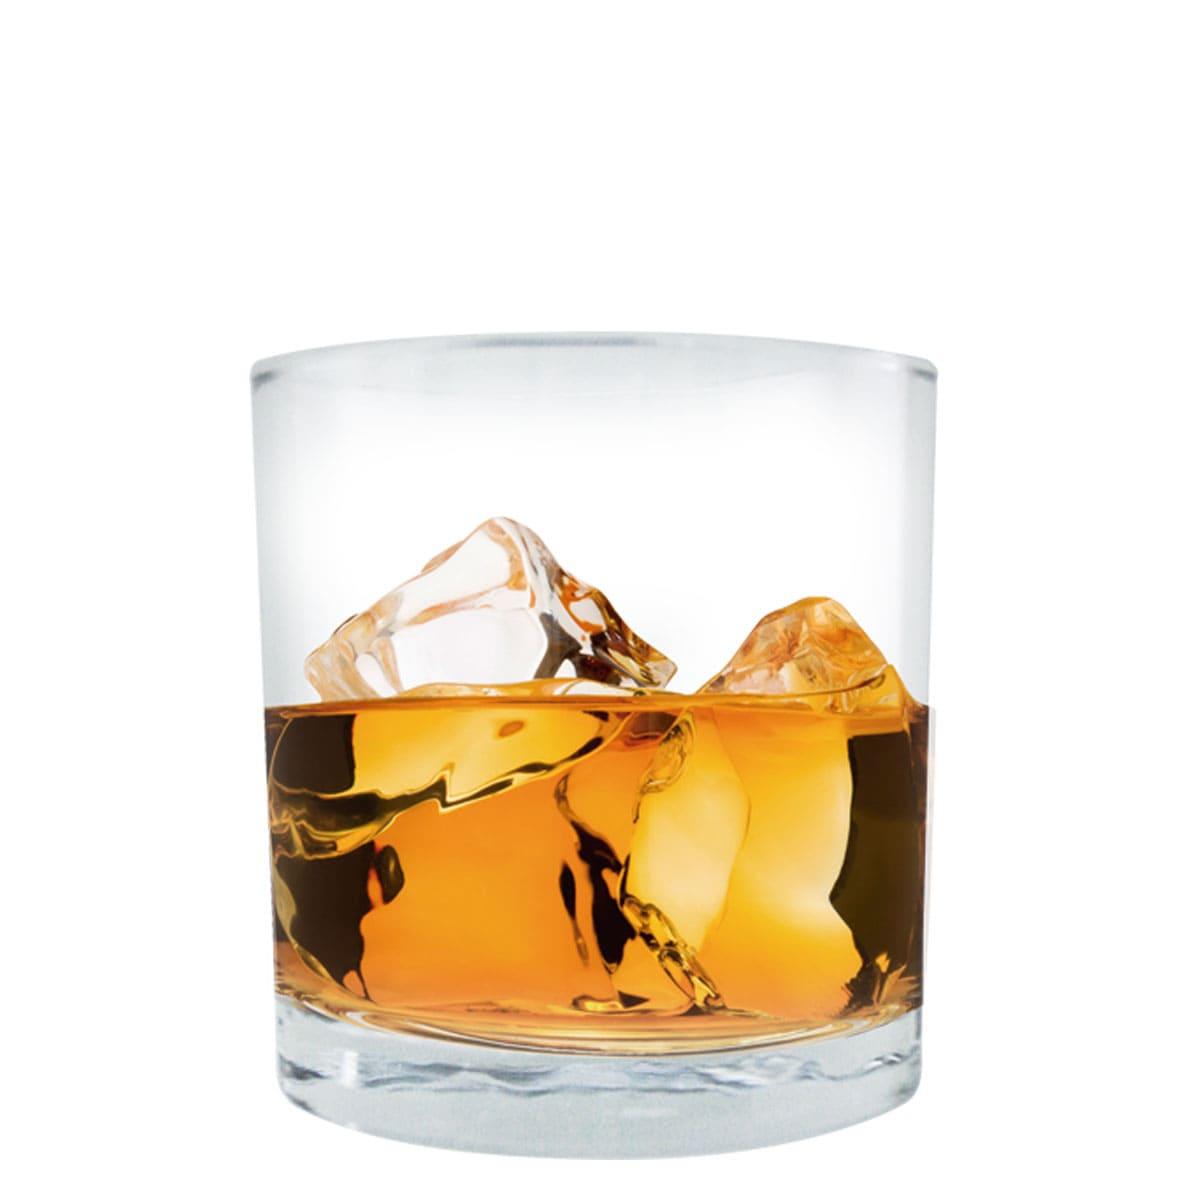 Copo de Whisky Prestige On The Rocks Vidro 335ml (Caixa com 24 unidades)